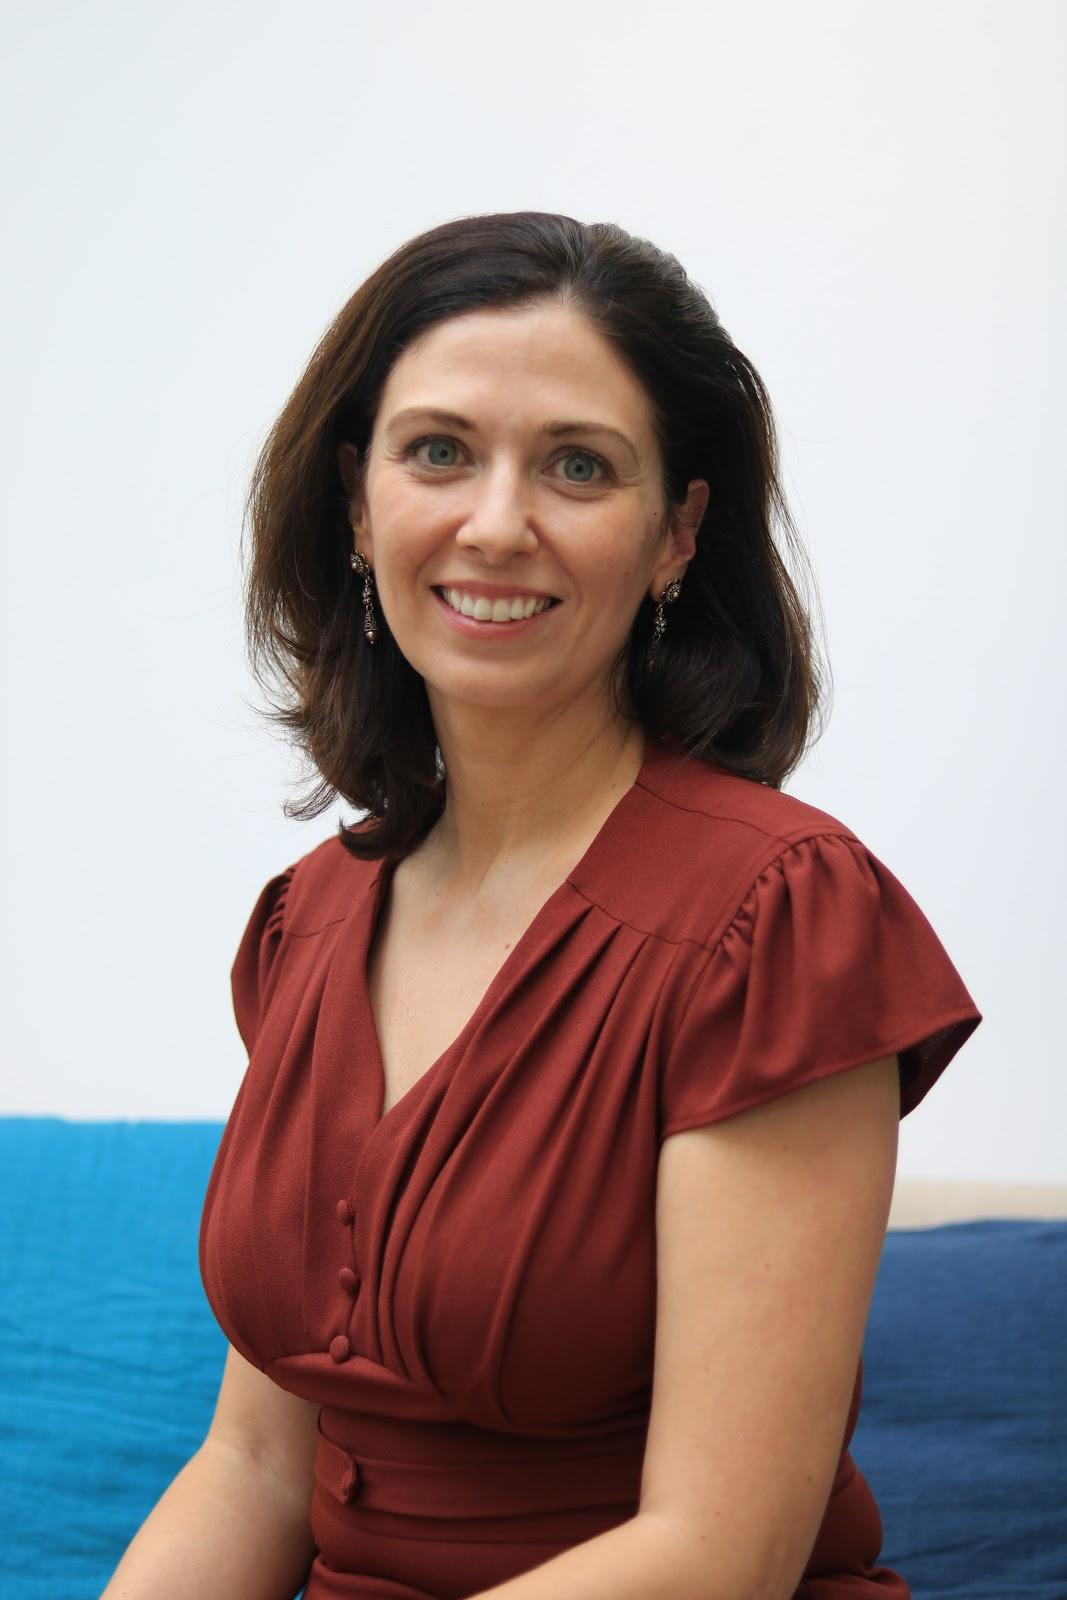 Joanna Holbrook BenevolentAI